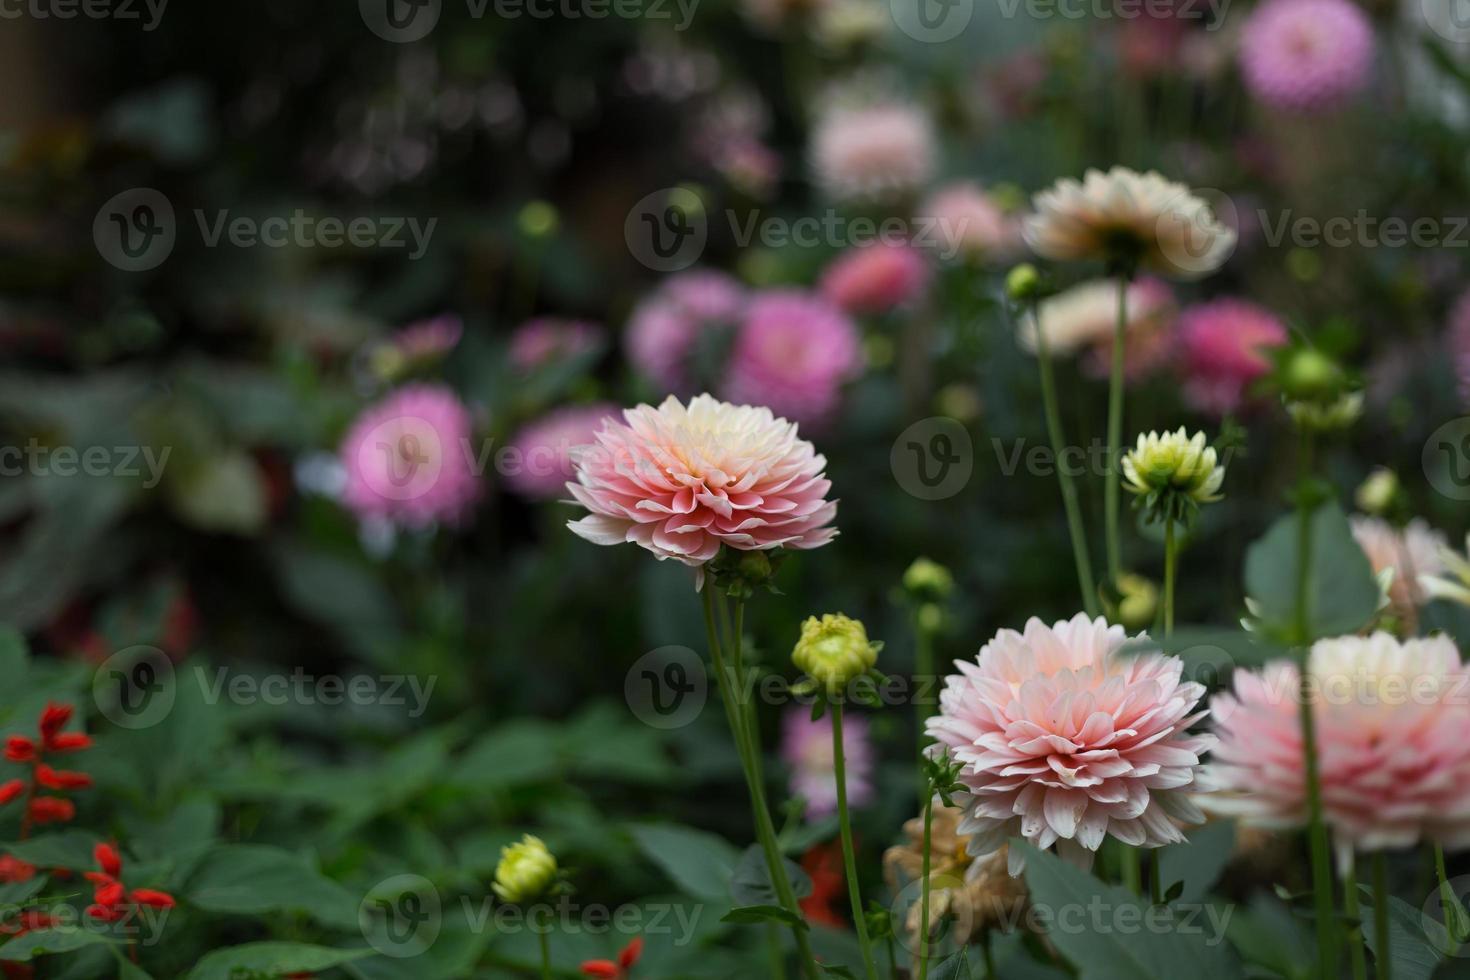 roze dahlia met groen blad in de achtergrond foto